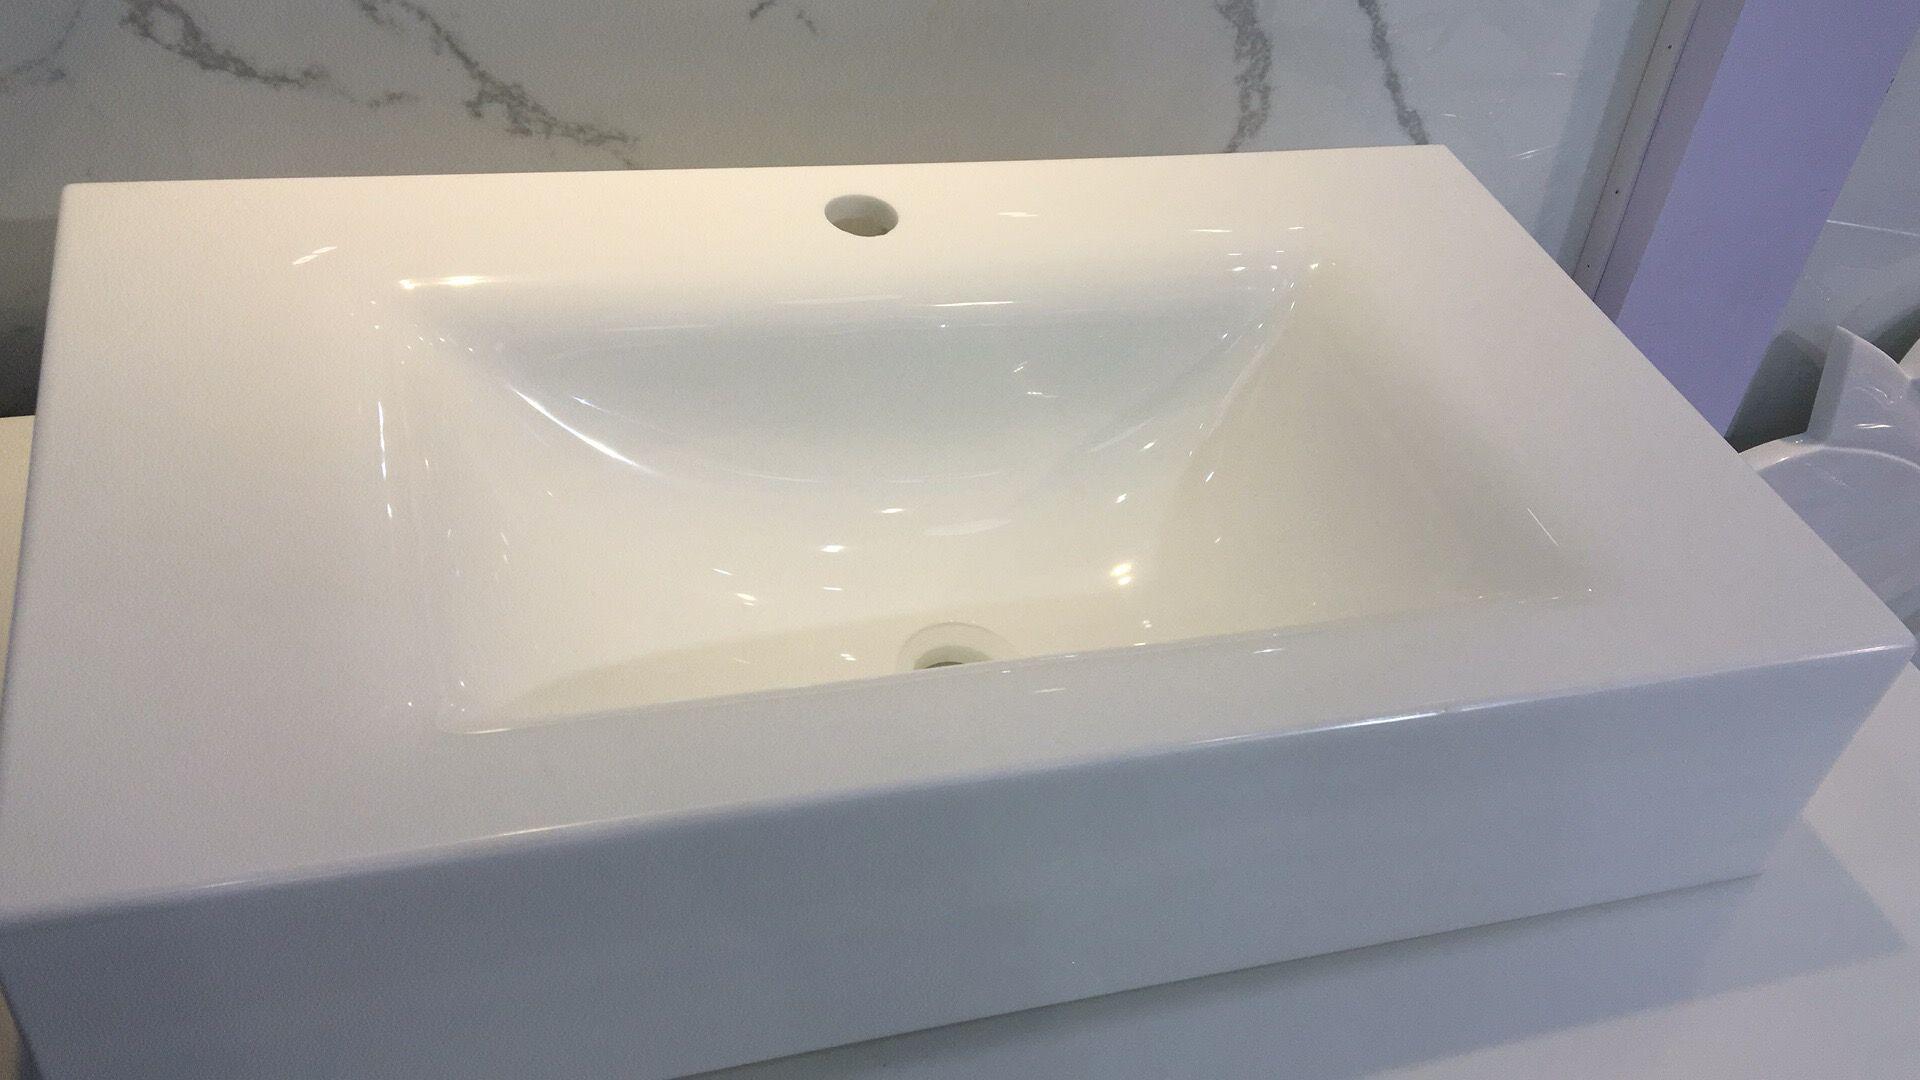 福州微晶石洗手盆|选购微晶石洗手盆认准煜辉微晶石